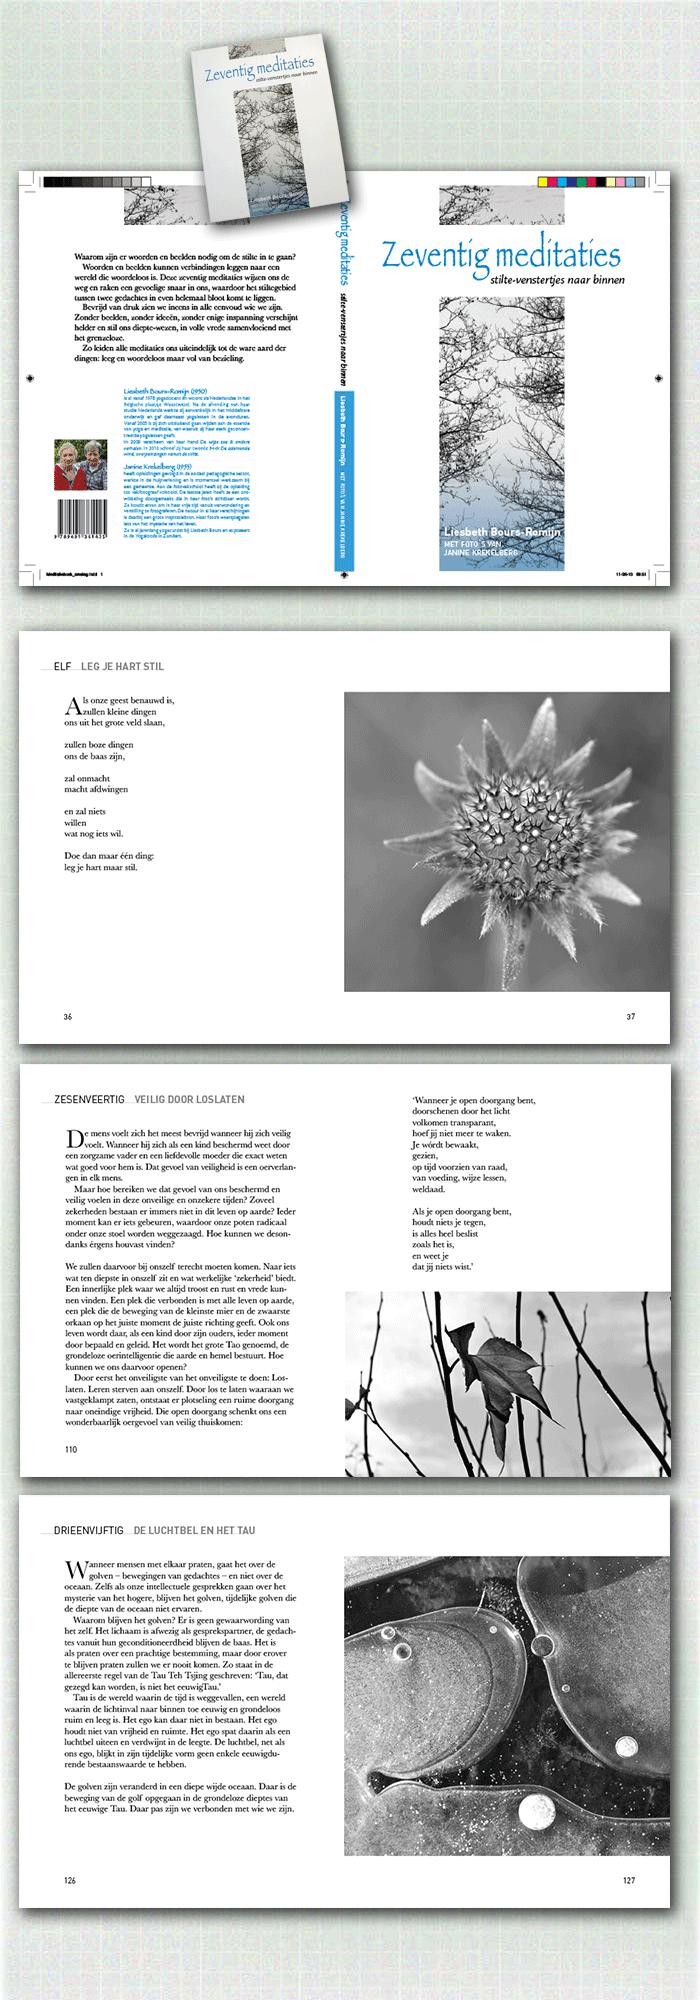 cover en spreads uit boek Zeventig meditaties, een voorbeeld van publiceren in eigen beheer